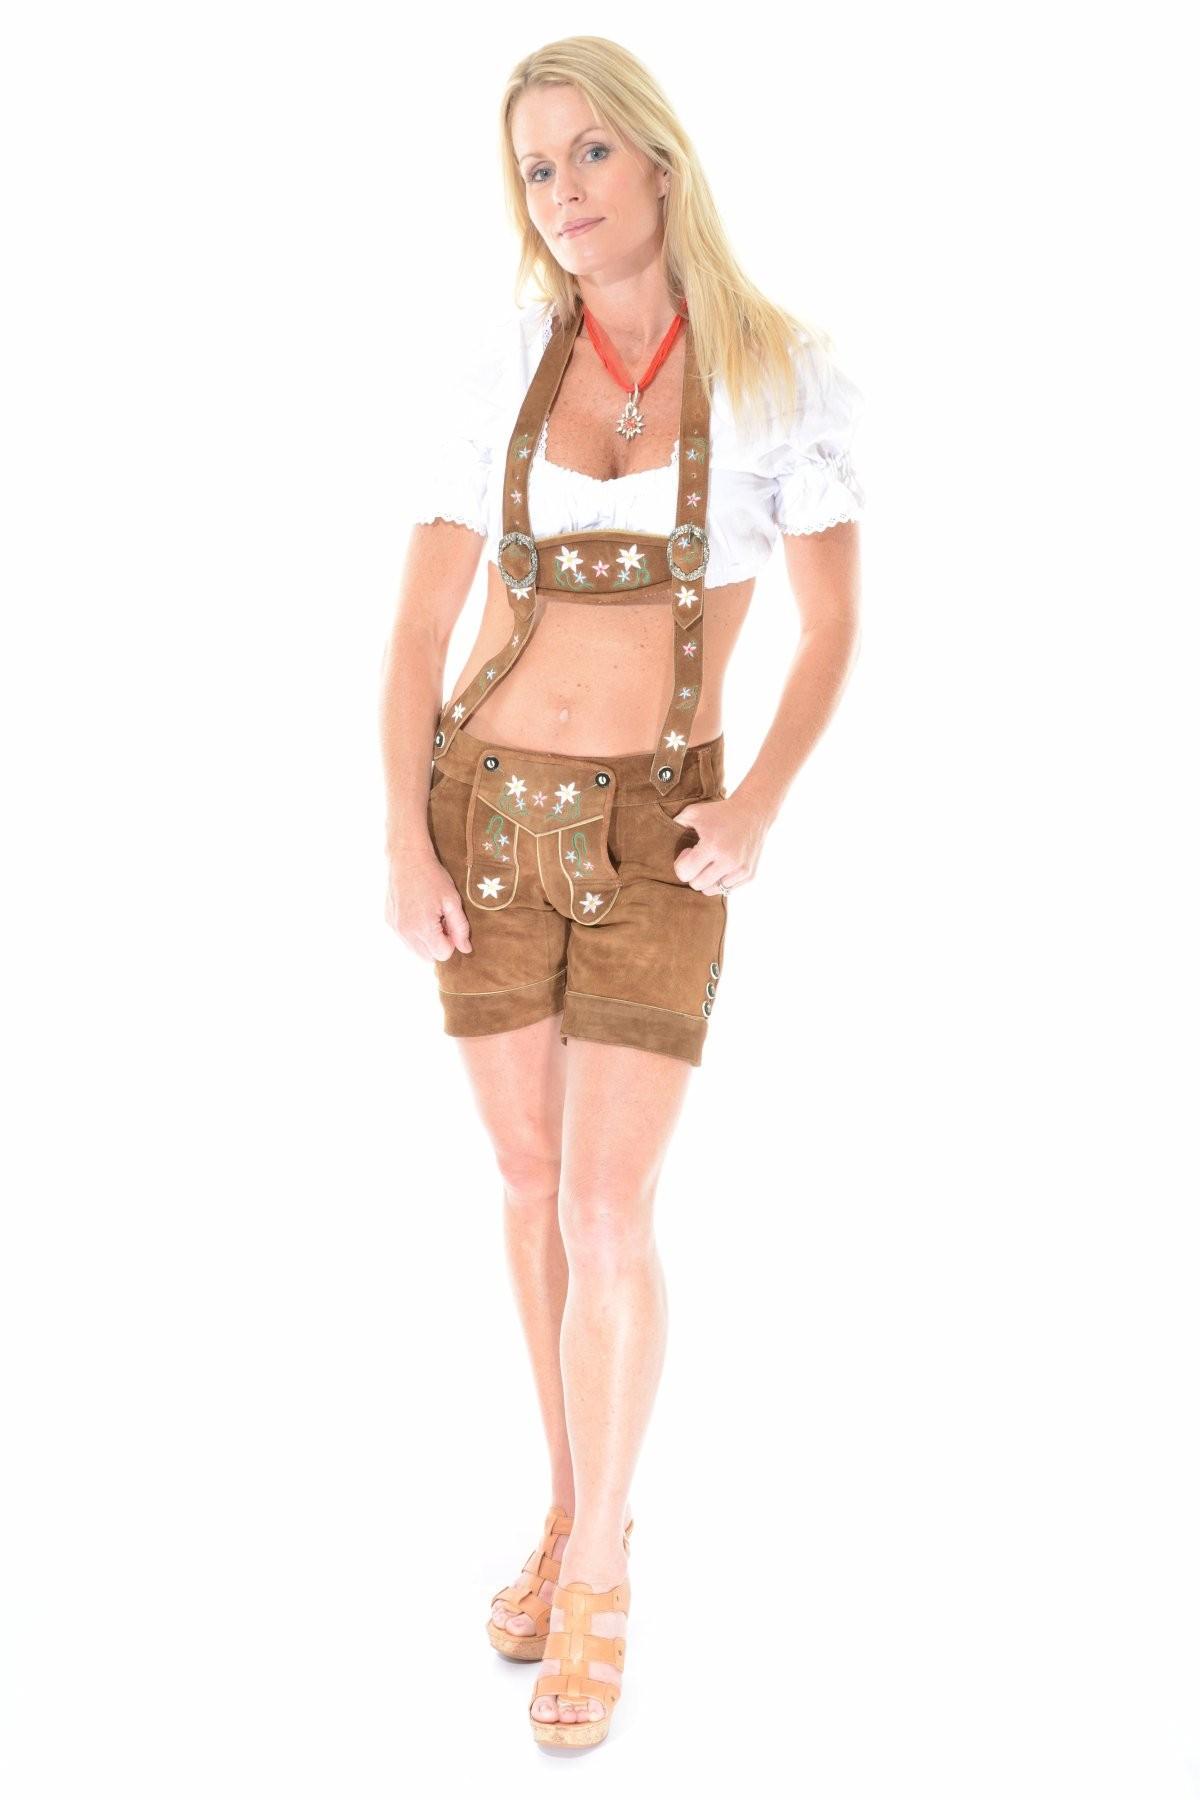 Womens Lederhosen Brown  sc 1 st  Lederhosen4u & Womens Lederhosen | Female Lederhosen | Female Lederhosen Costume